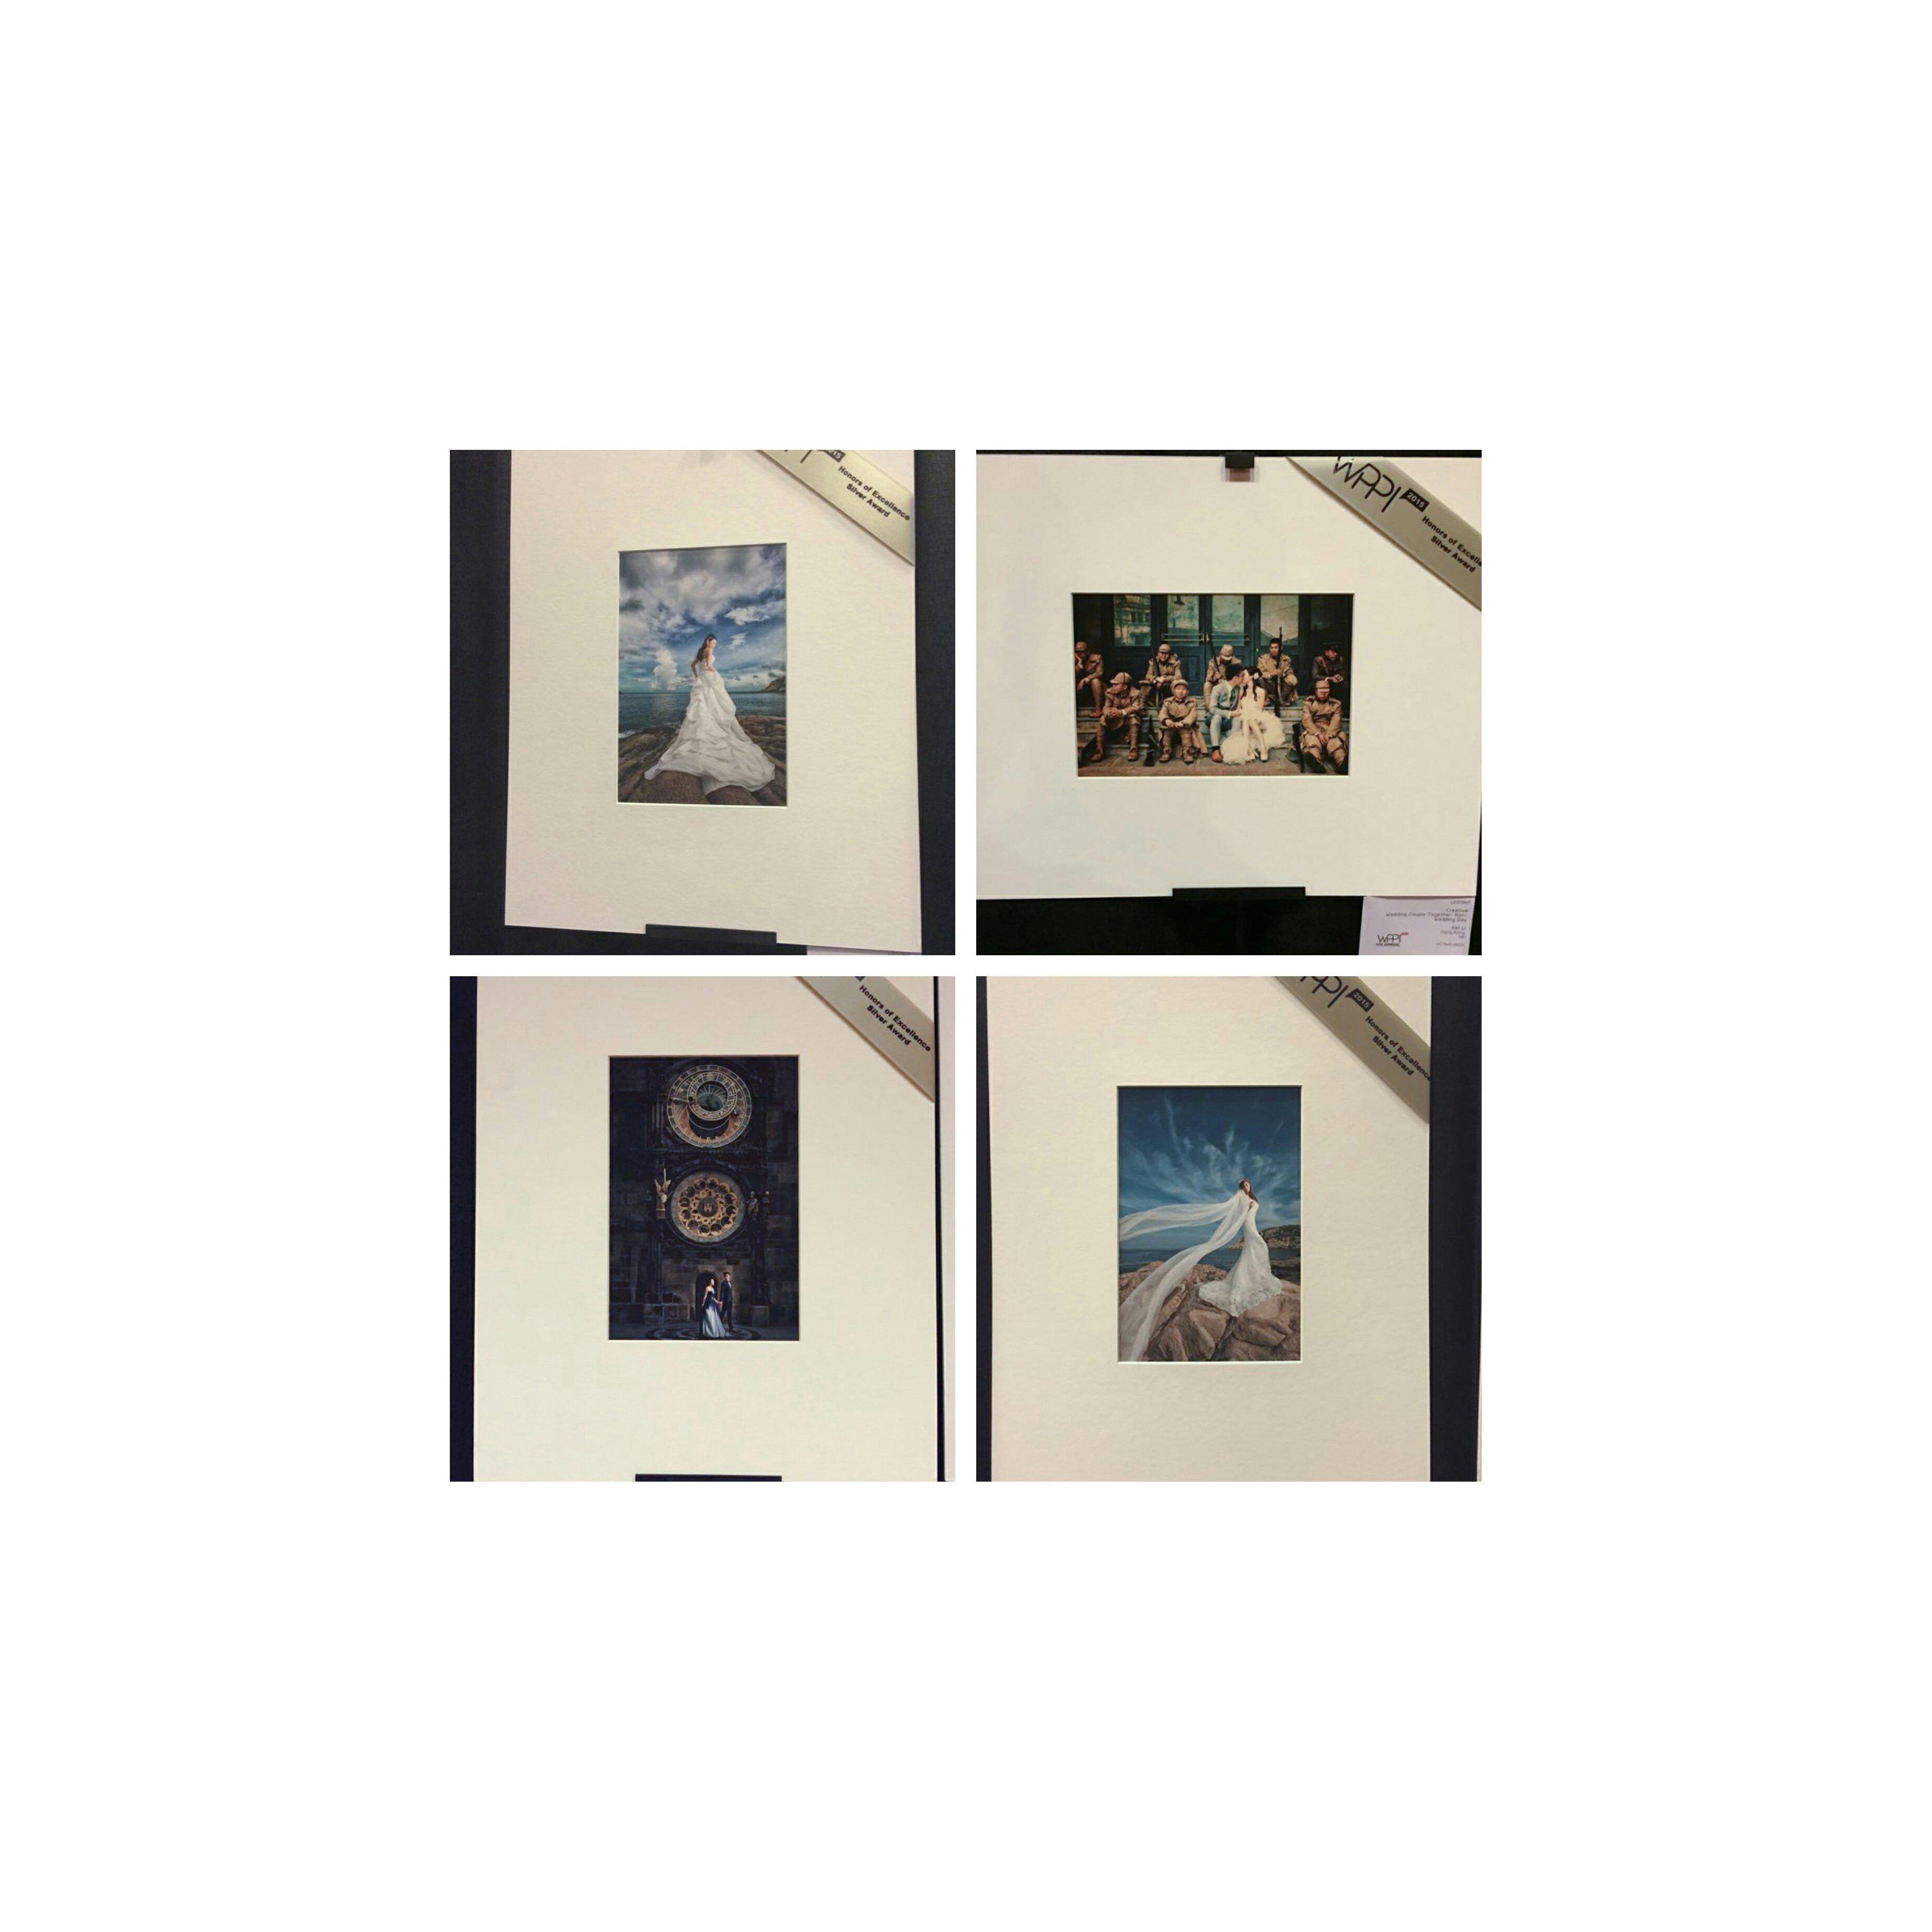 我們在美國WPPI一年一度的Print Competition中有6張作品獲獎